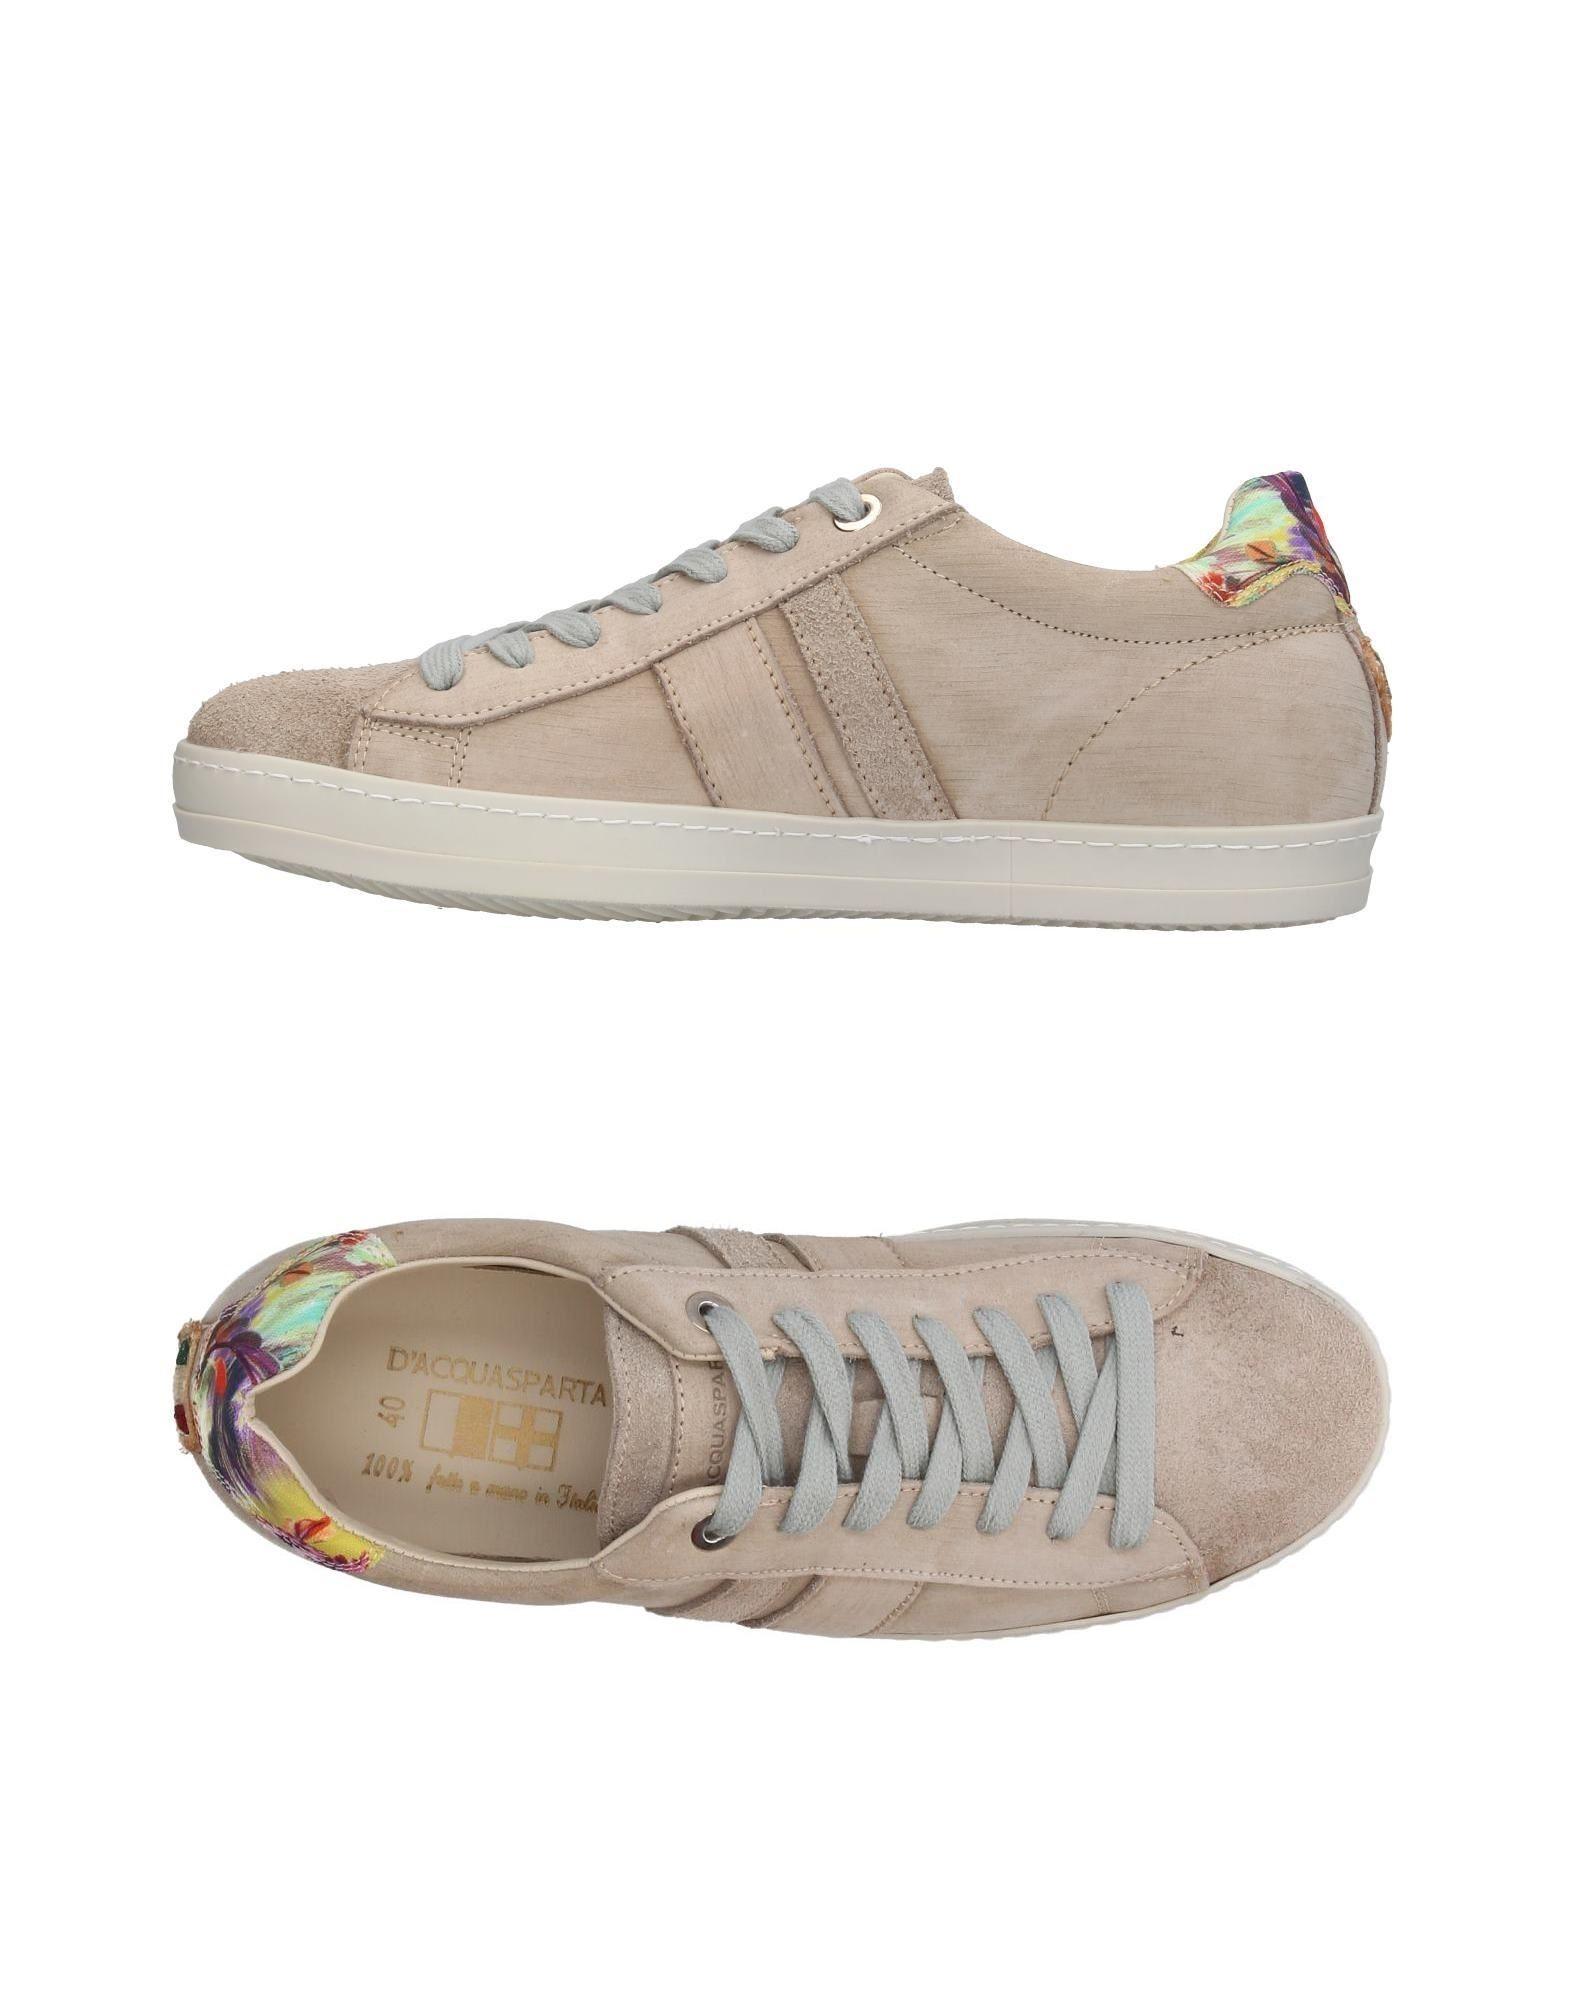 Sneakers D'Acquasparta Uomo - 11390273OW elegante